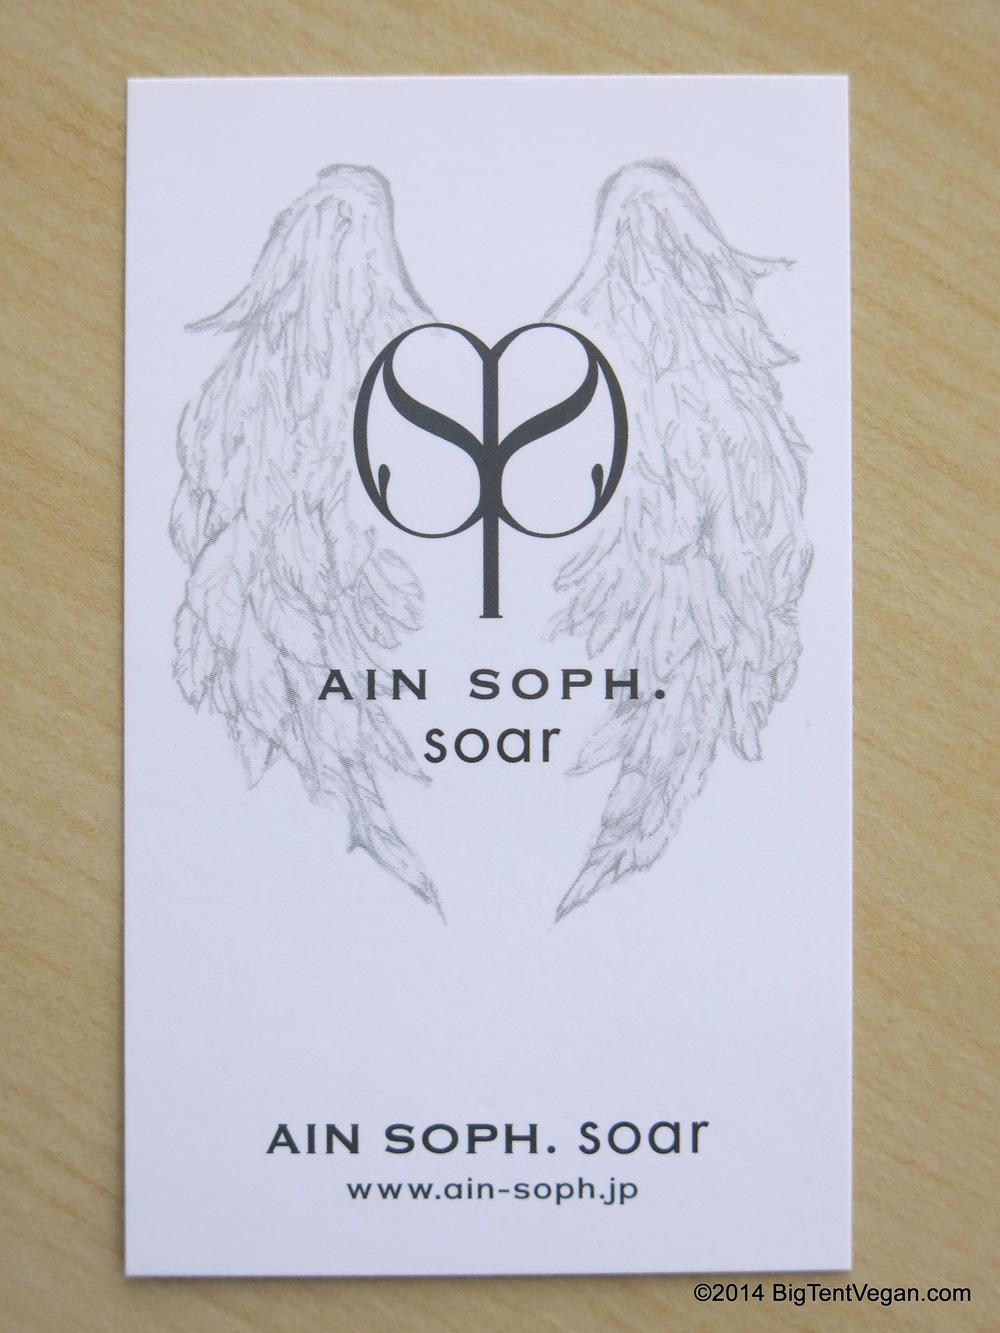 Ain Soph Soar